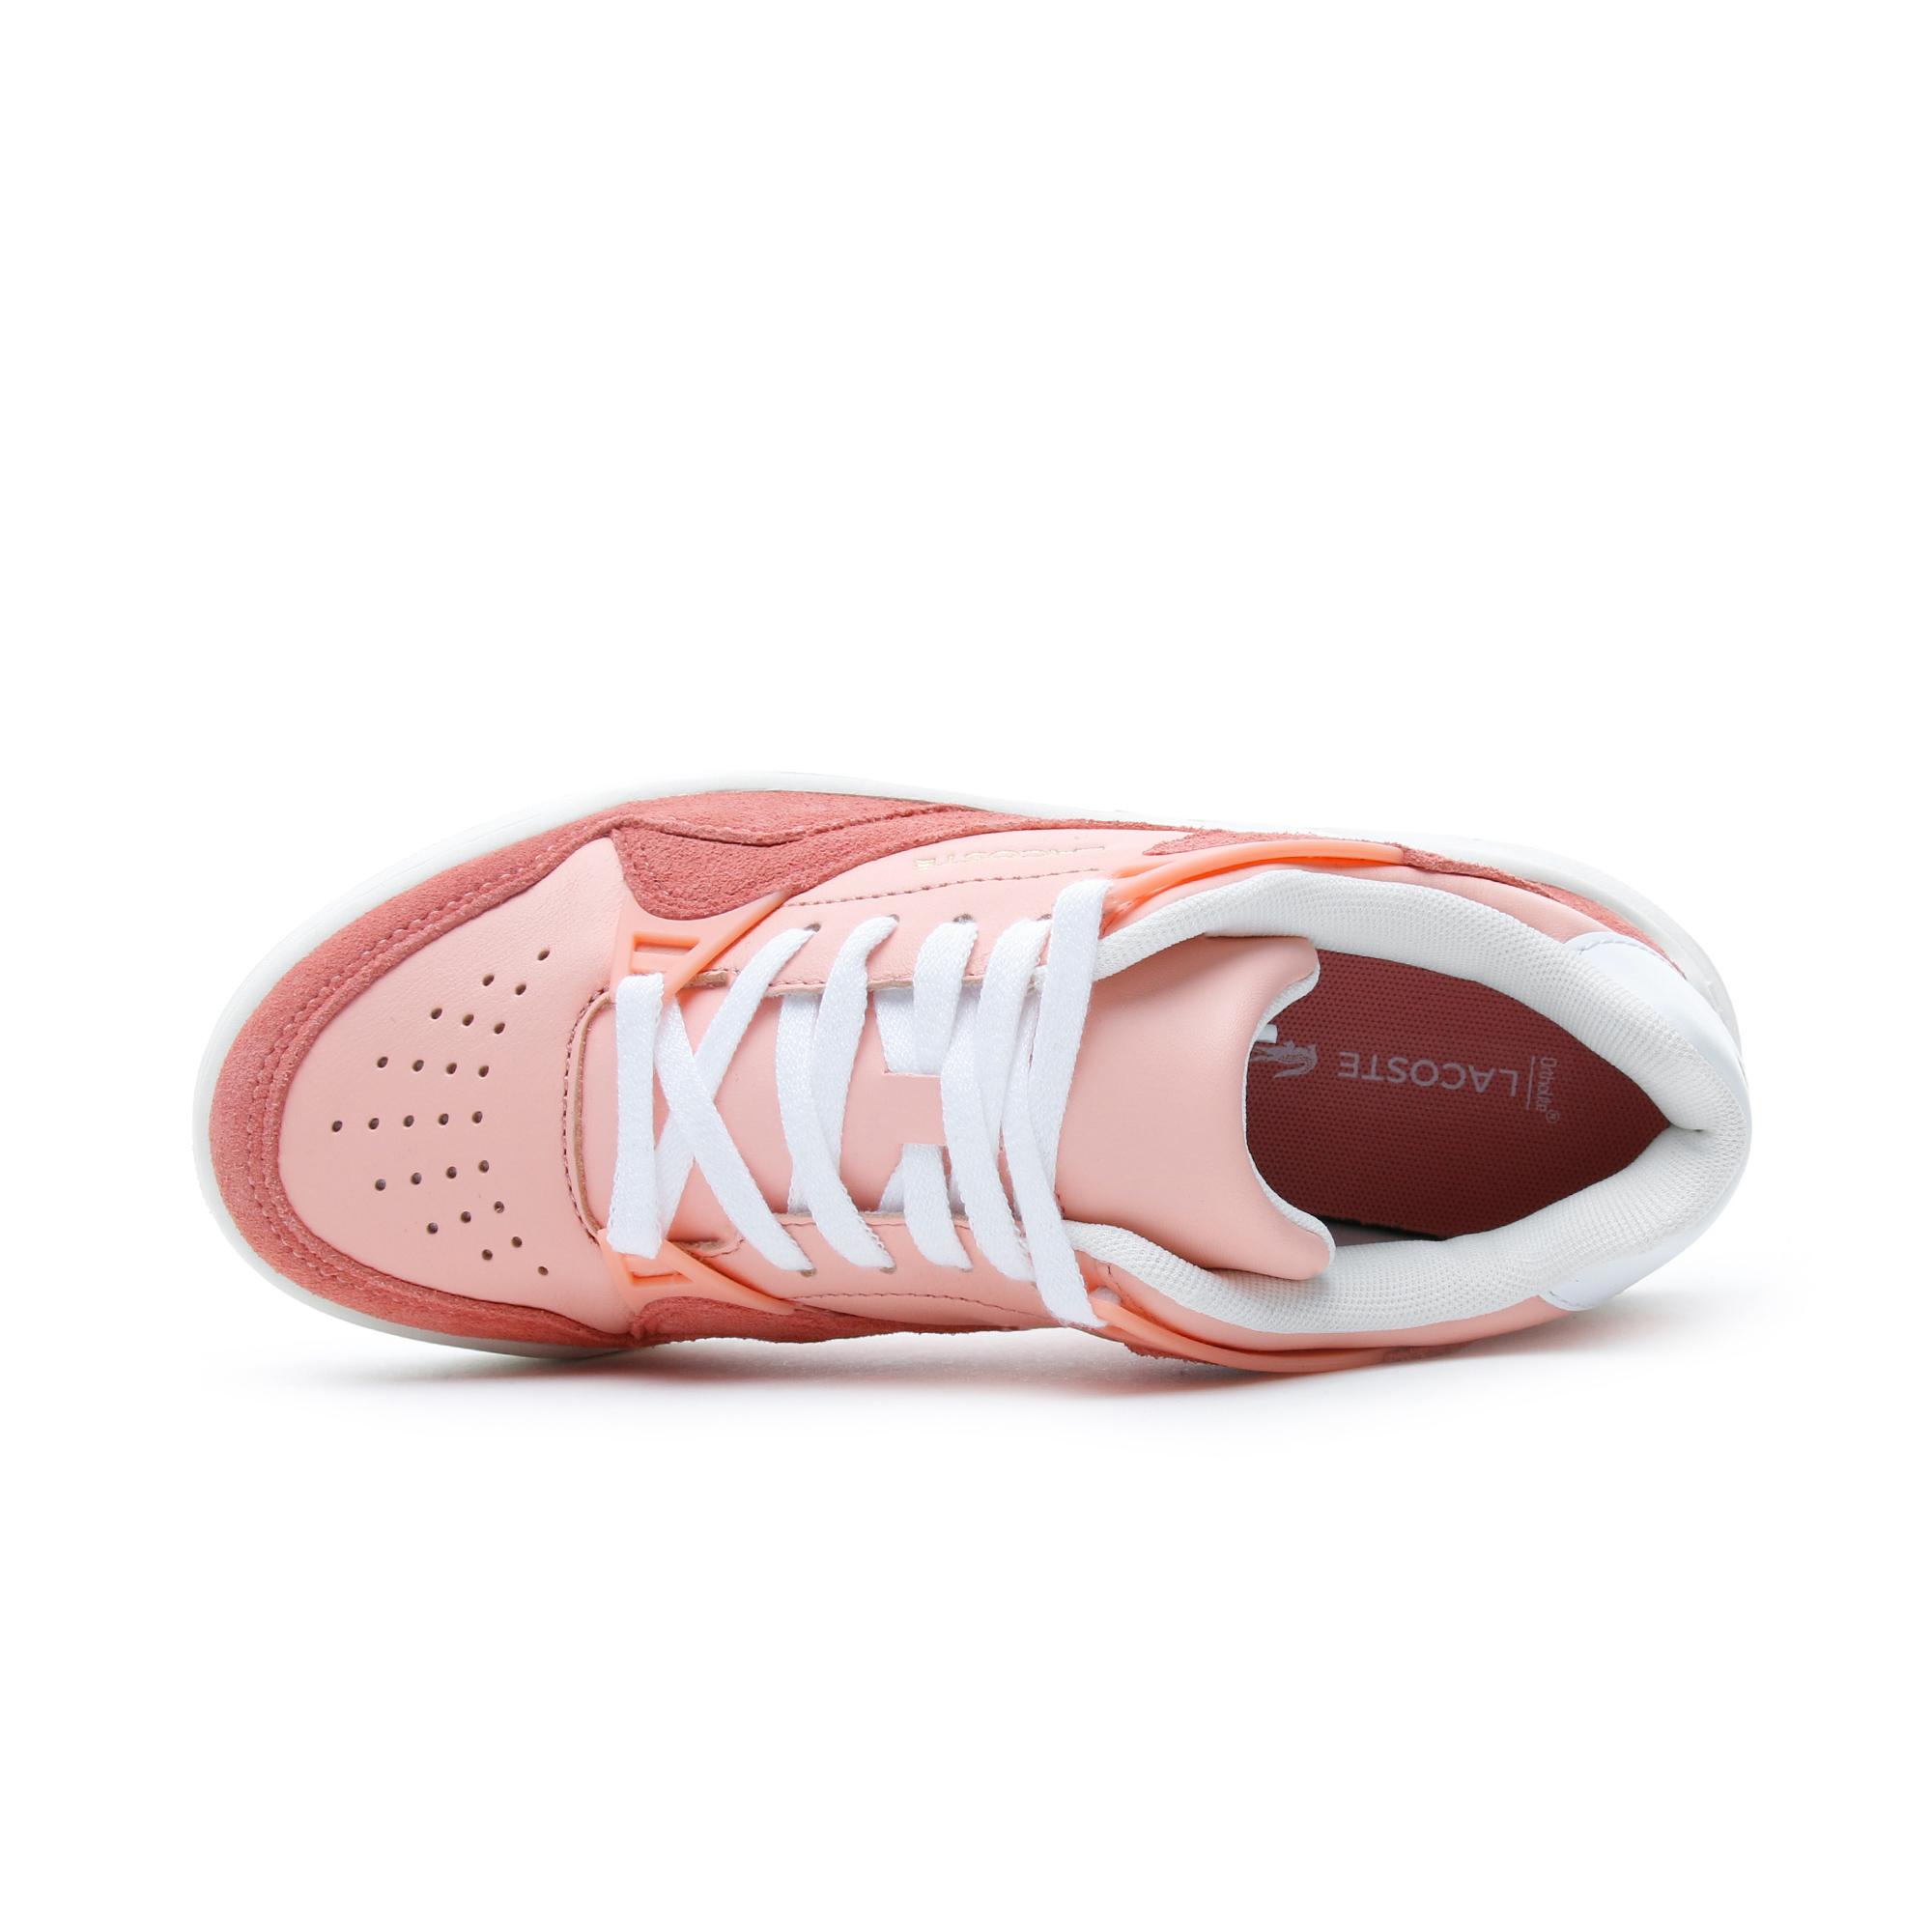 Lacoste Court Slam 120 4 US SFA Kadın Pembe Spor Ayakkabı